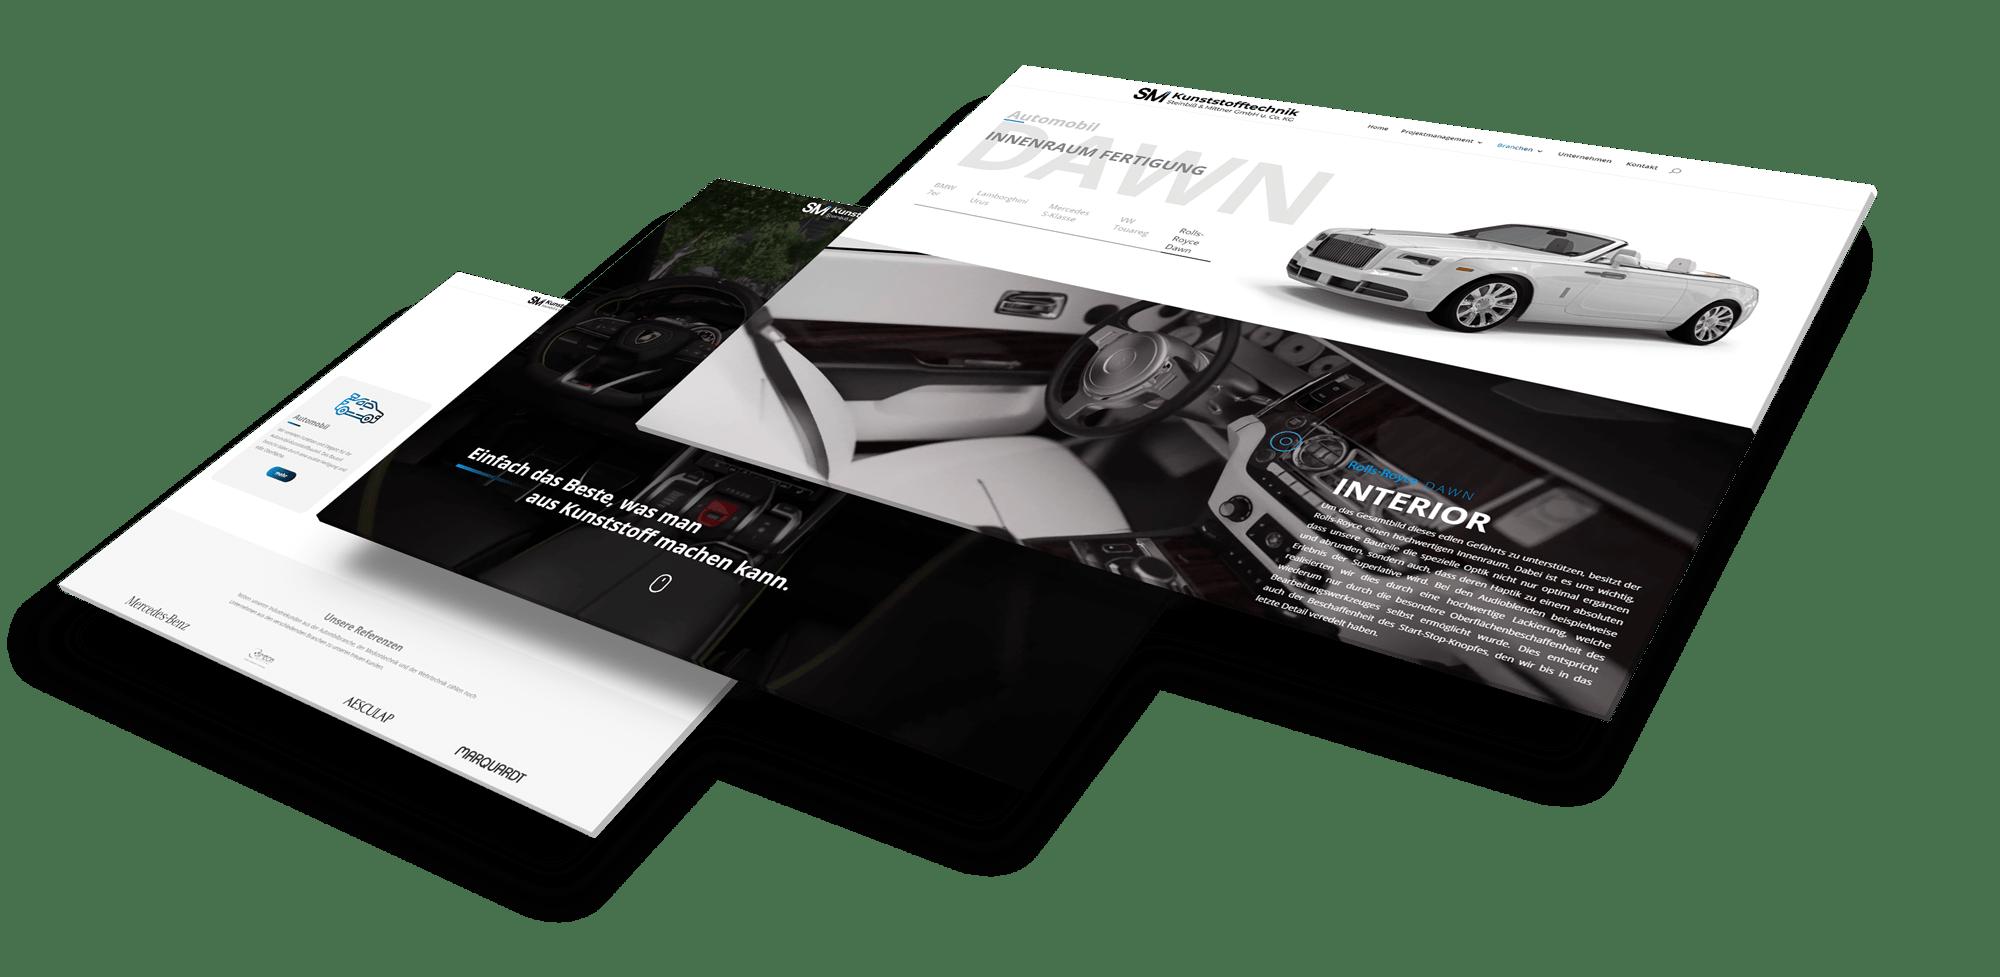 kopfmedia-werbeagentur-offenburg-webentwicklung-website-homepage-design